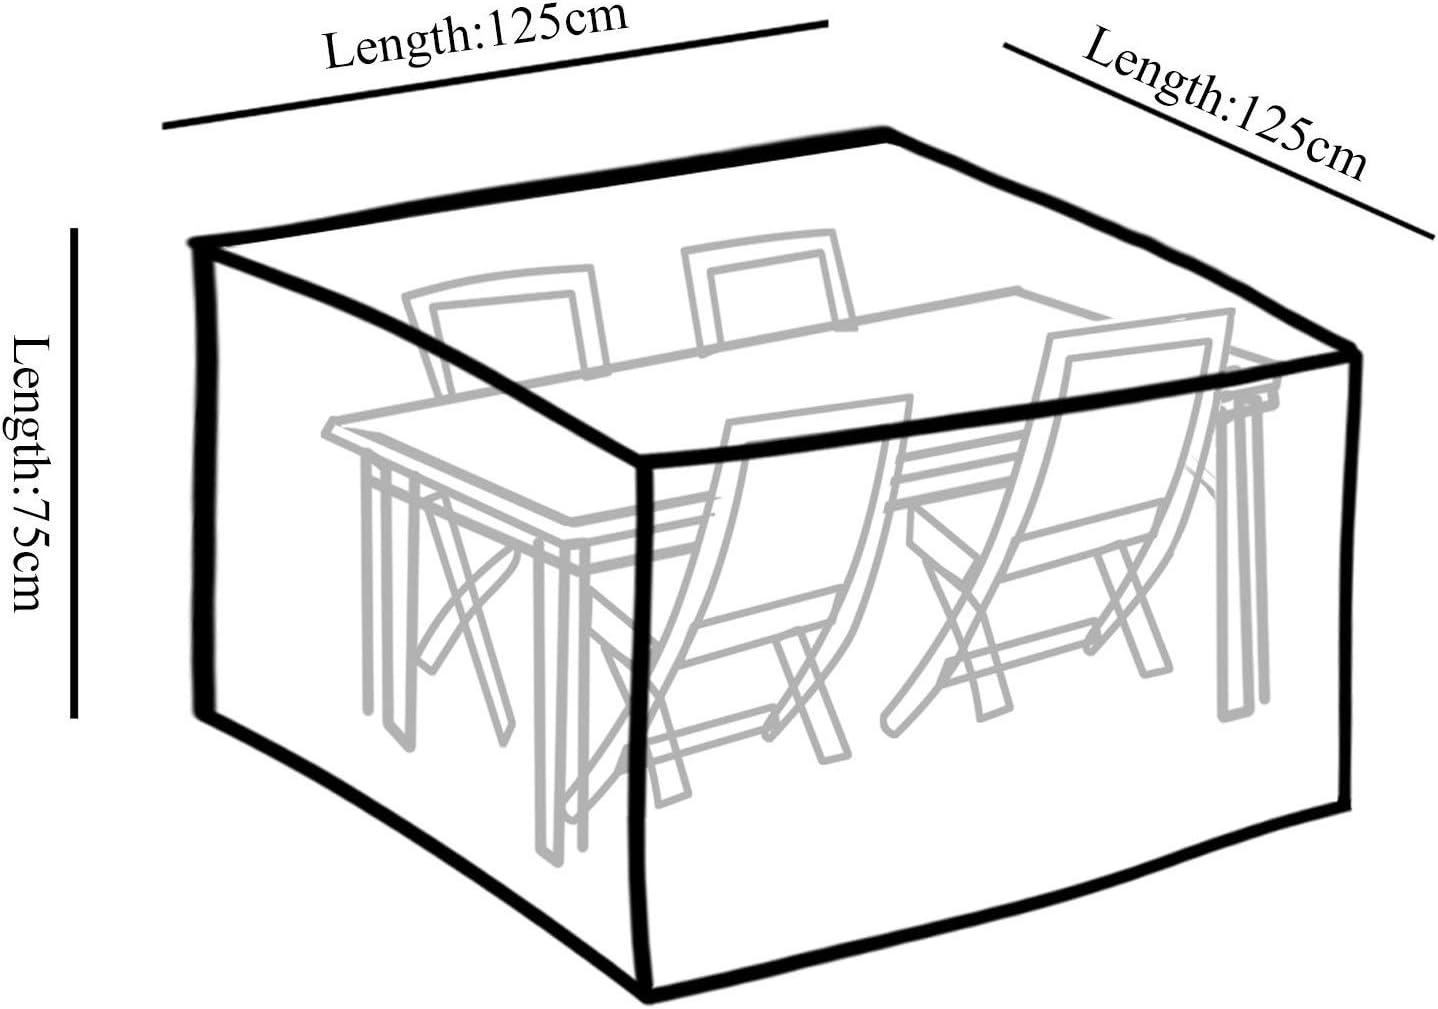 TEPSMIGO Telo Impermeabile Protezione per Esterni da Esterni Resistente ai Lavori Pesanti 125 x 125 x 75cm Telo Telo Copritutto